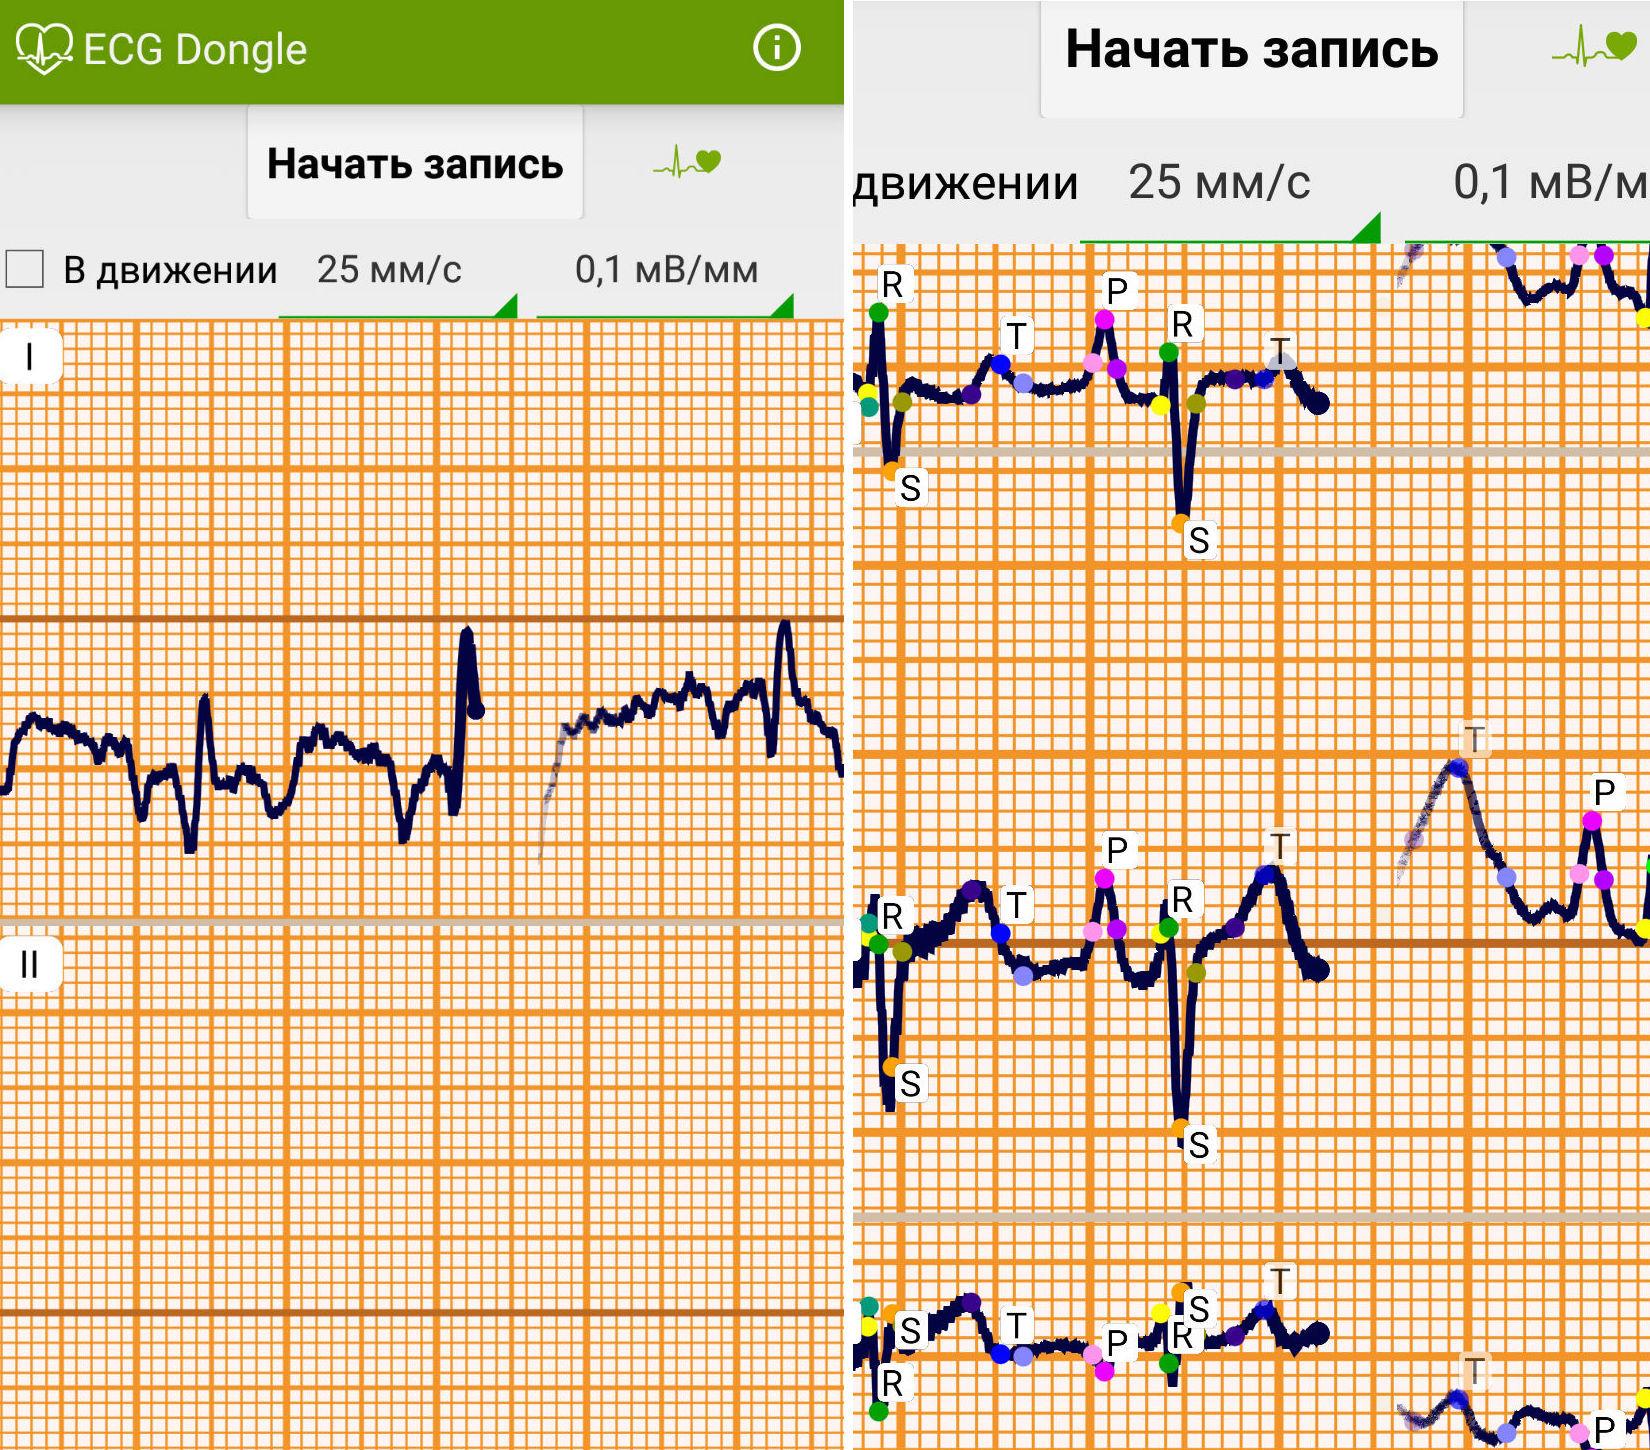 ЭКГ на дому, или сделано в России: отечественные разработчики представили кардиофлешку - 7